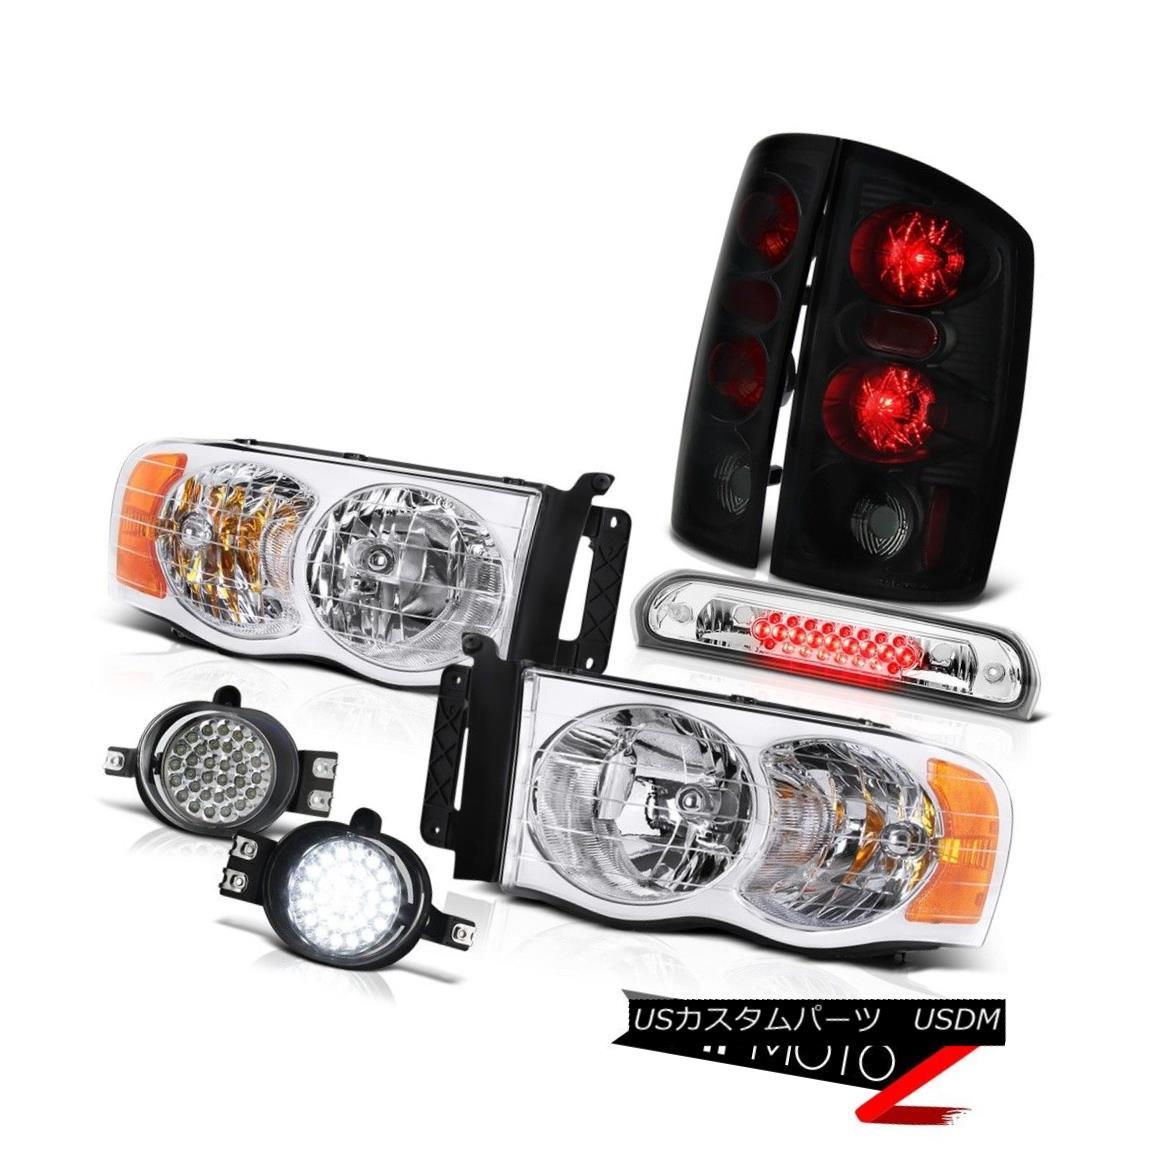 テールライト 2002-2005 Ram V6 Chrome Headlight Dark Smoke Tail Lights LED Fog Roof Stop Clear 2002-2005 Ram V6クロームヘッドライトダークスモークテールライトLEDフォグルーフストップクリア